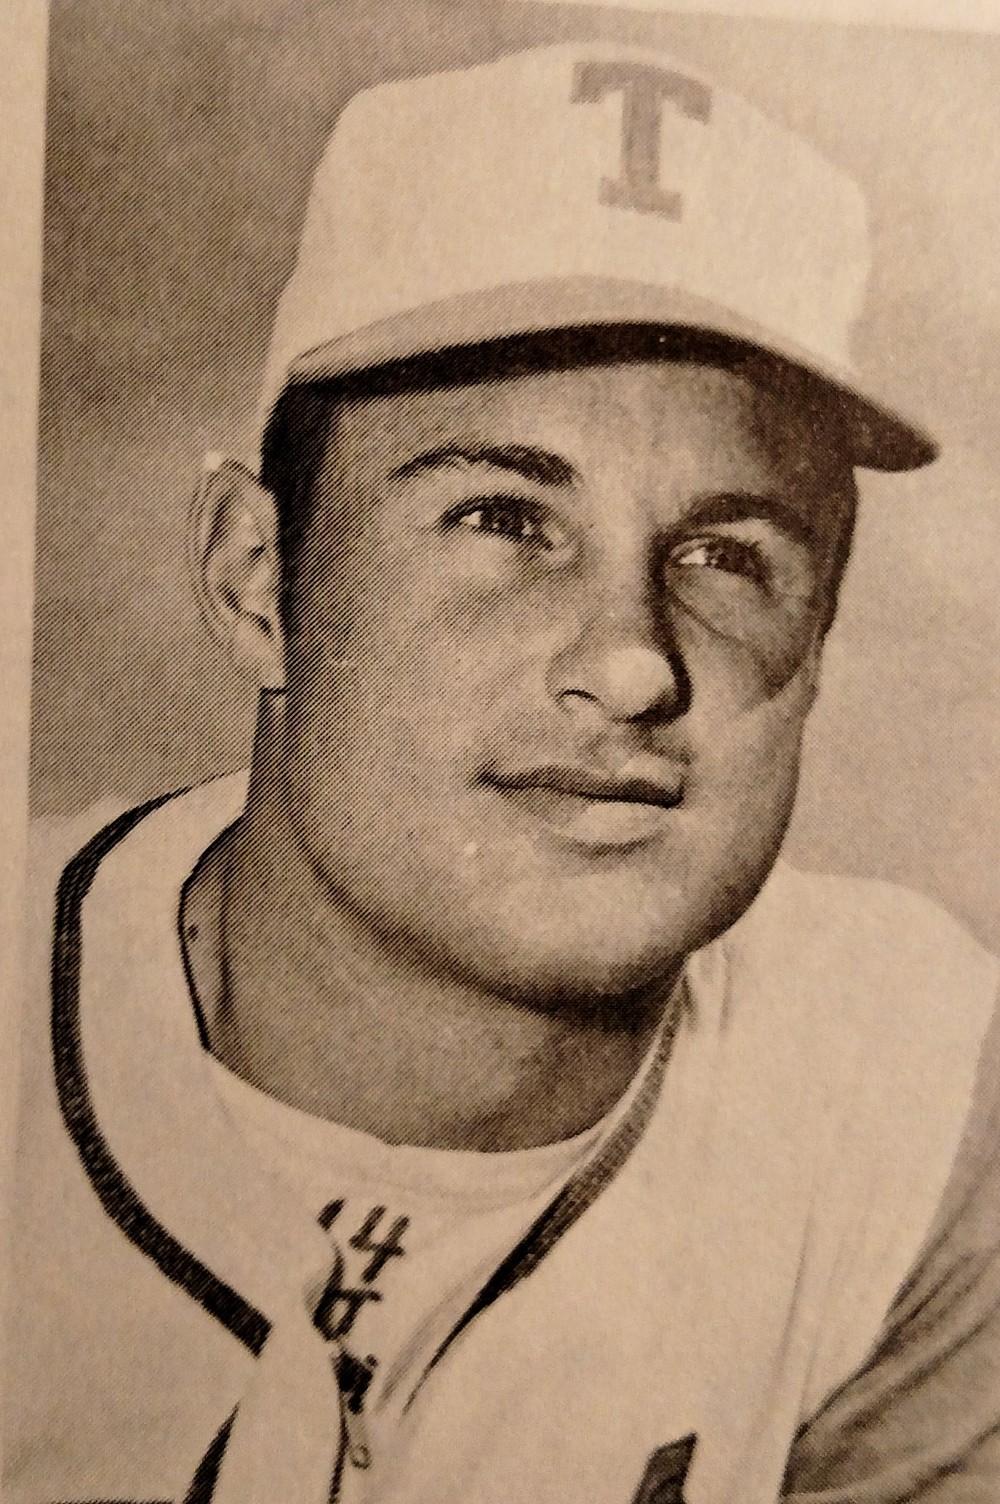 Pat Brown 1968 batting champ